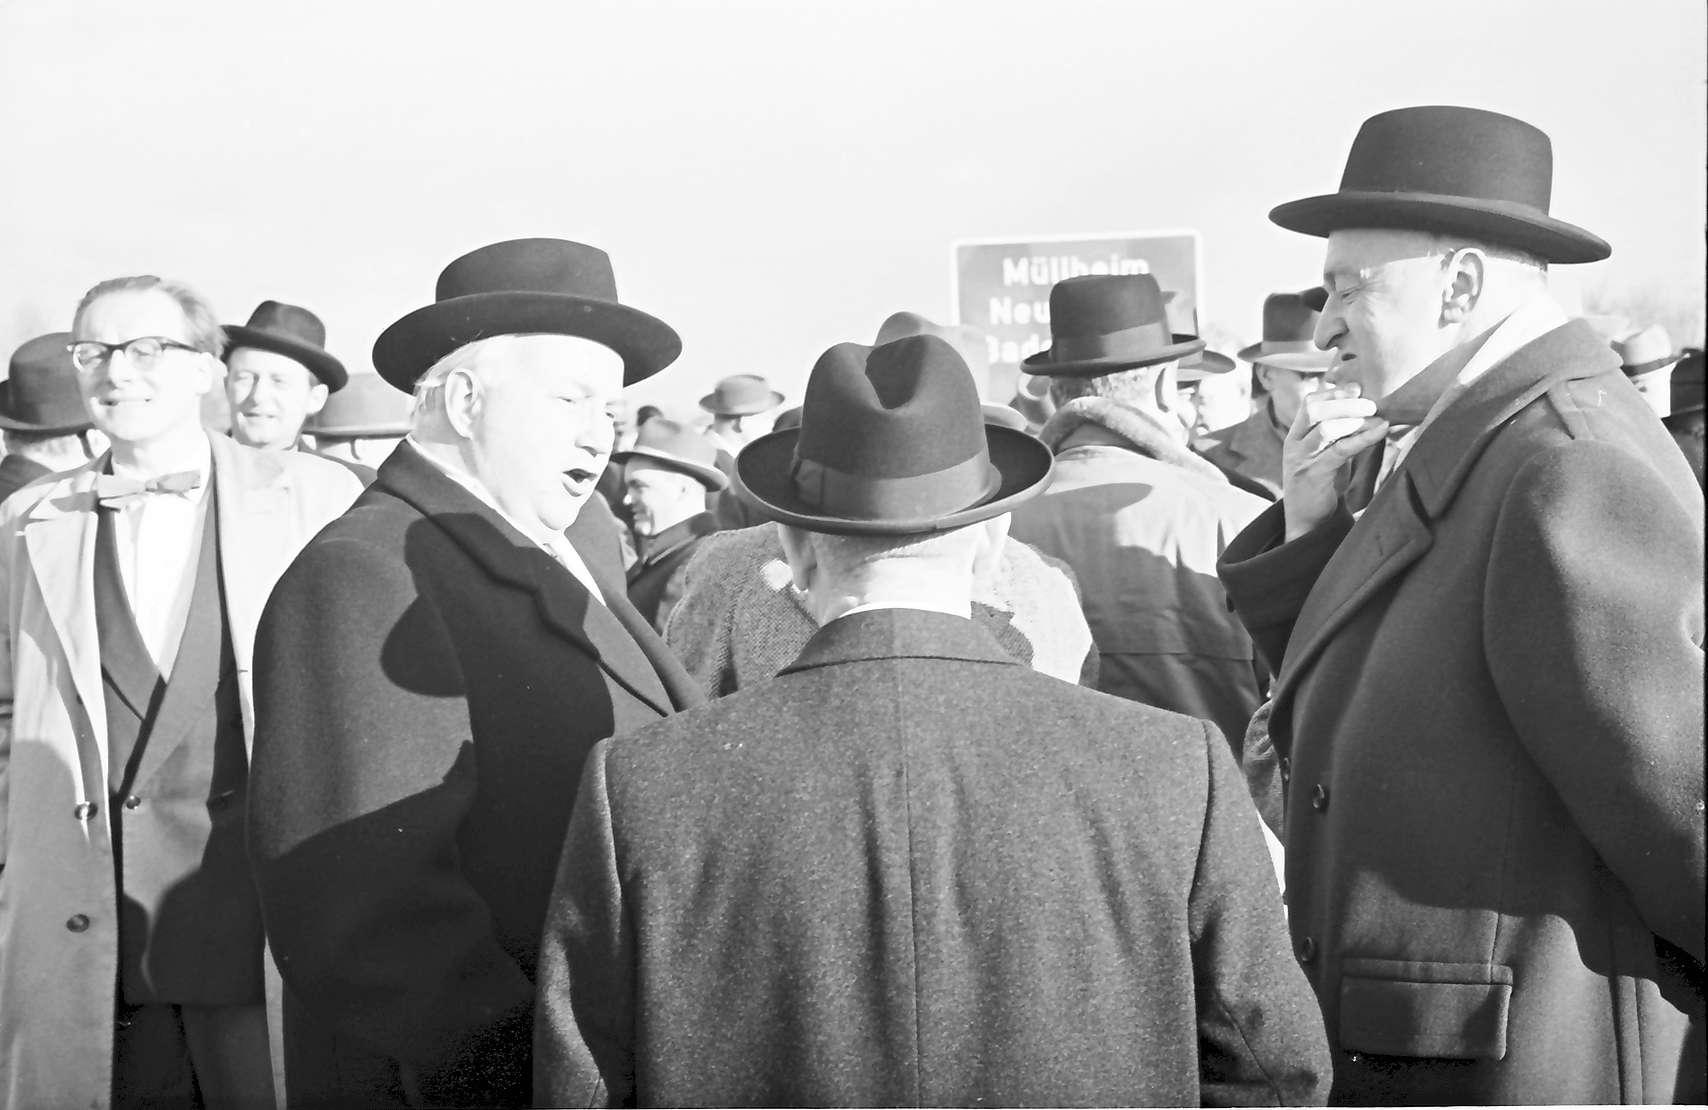 Neuenburg: Eröffnung der Strecke Neuenburg - Märkt; Gruppen vor der Eröffnung mit Minister Seebohm, Bild 1